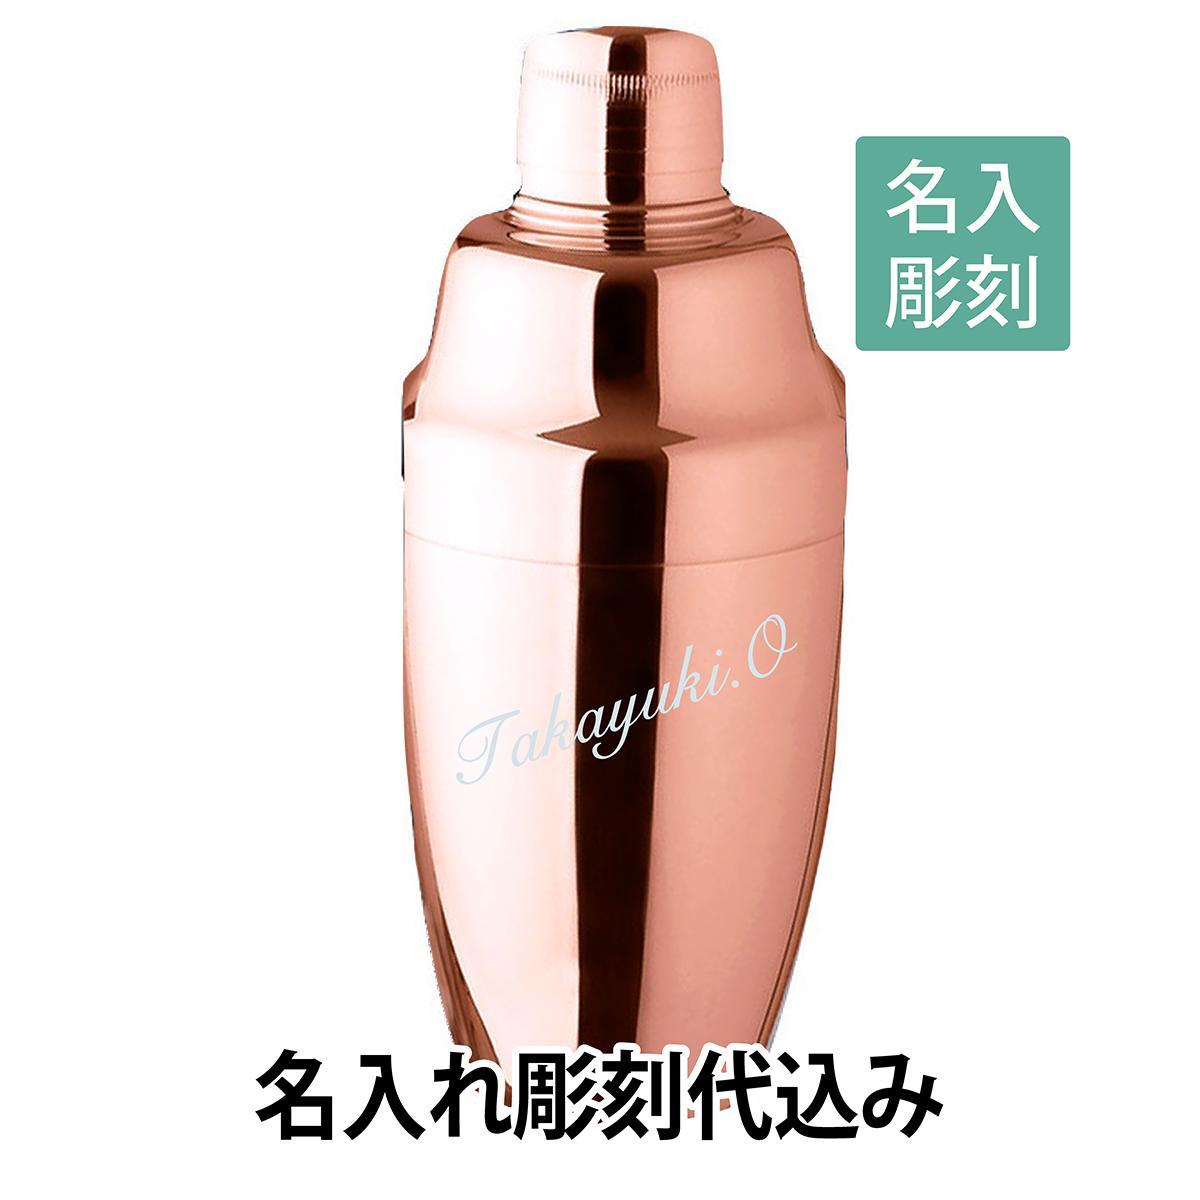 【名入れ彫刻】YUKIWA カクテルシェーカー ピンクゴールド 790ml 日本製